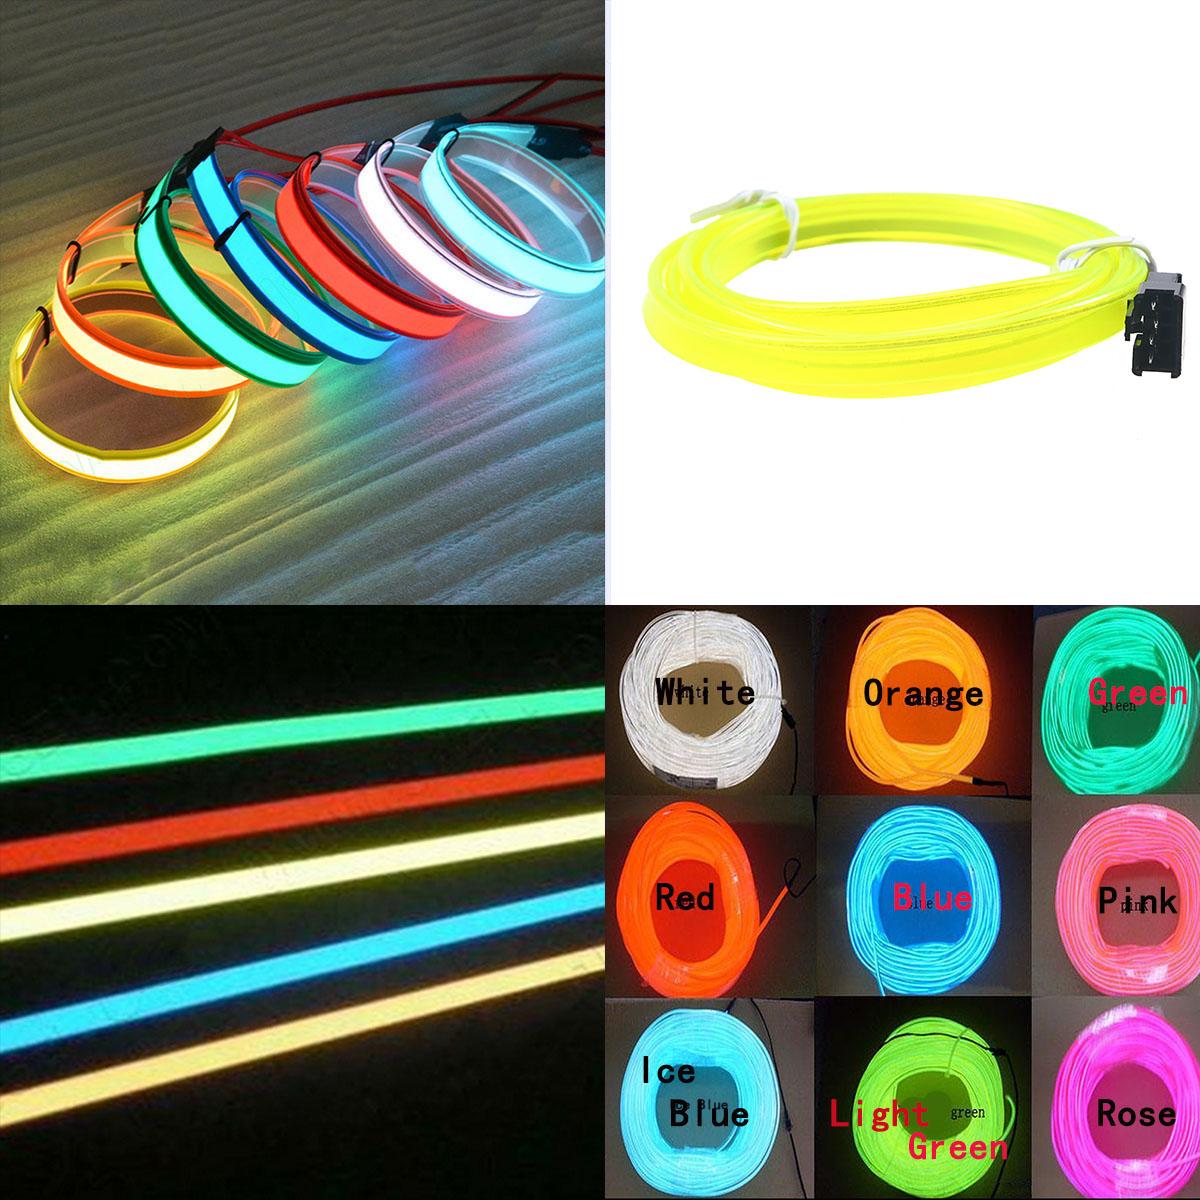 Groß Neon Kabel Licht Zeitgenössisch - Schaltplan Serie Circuit ...